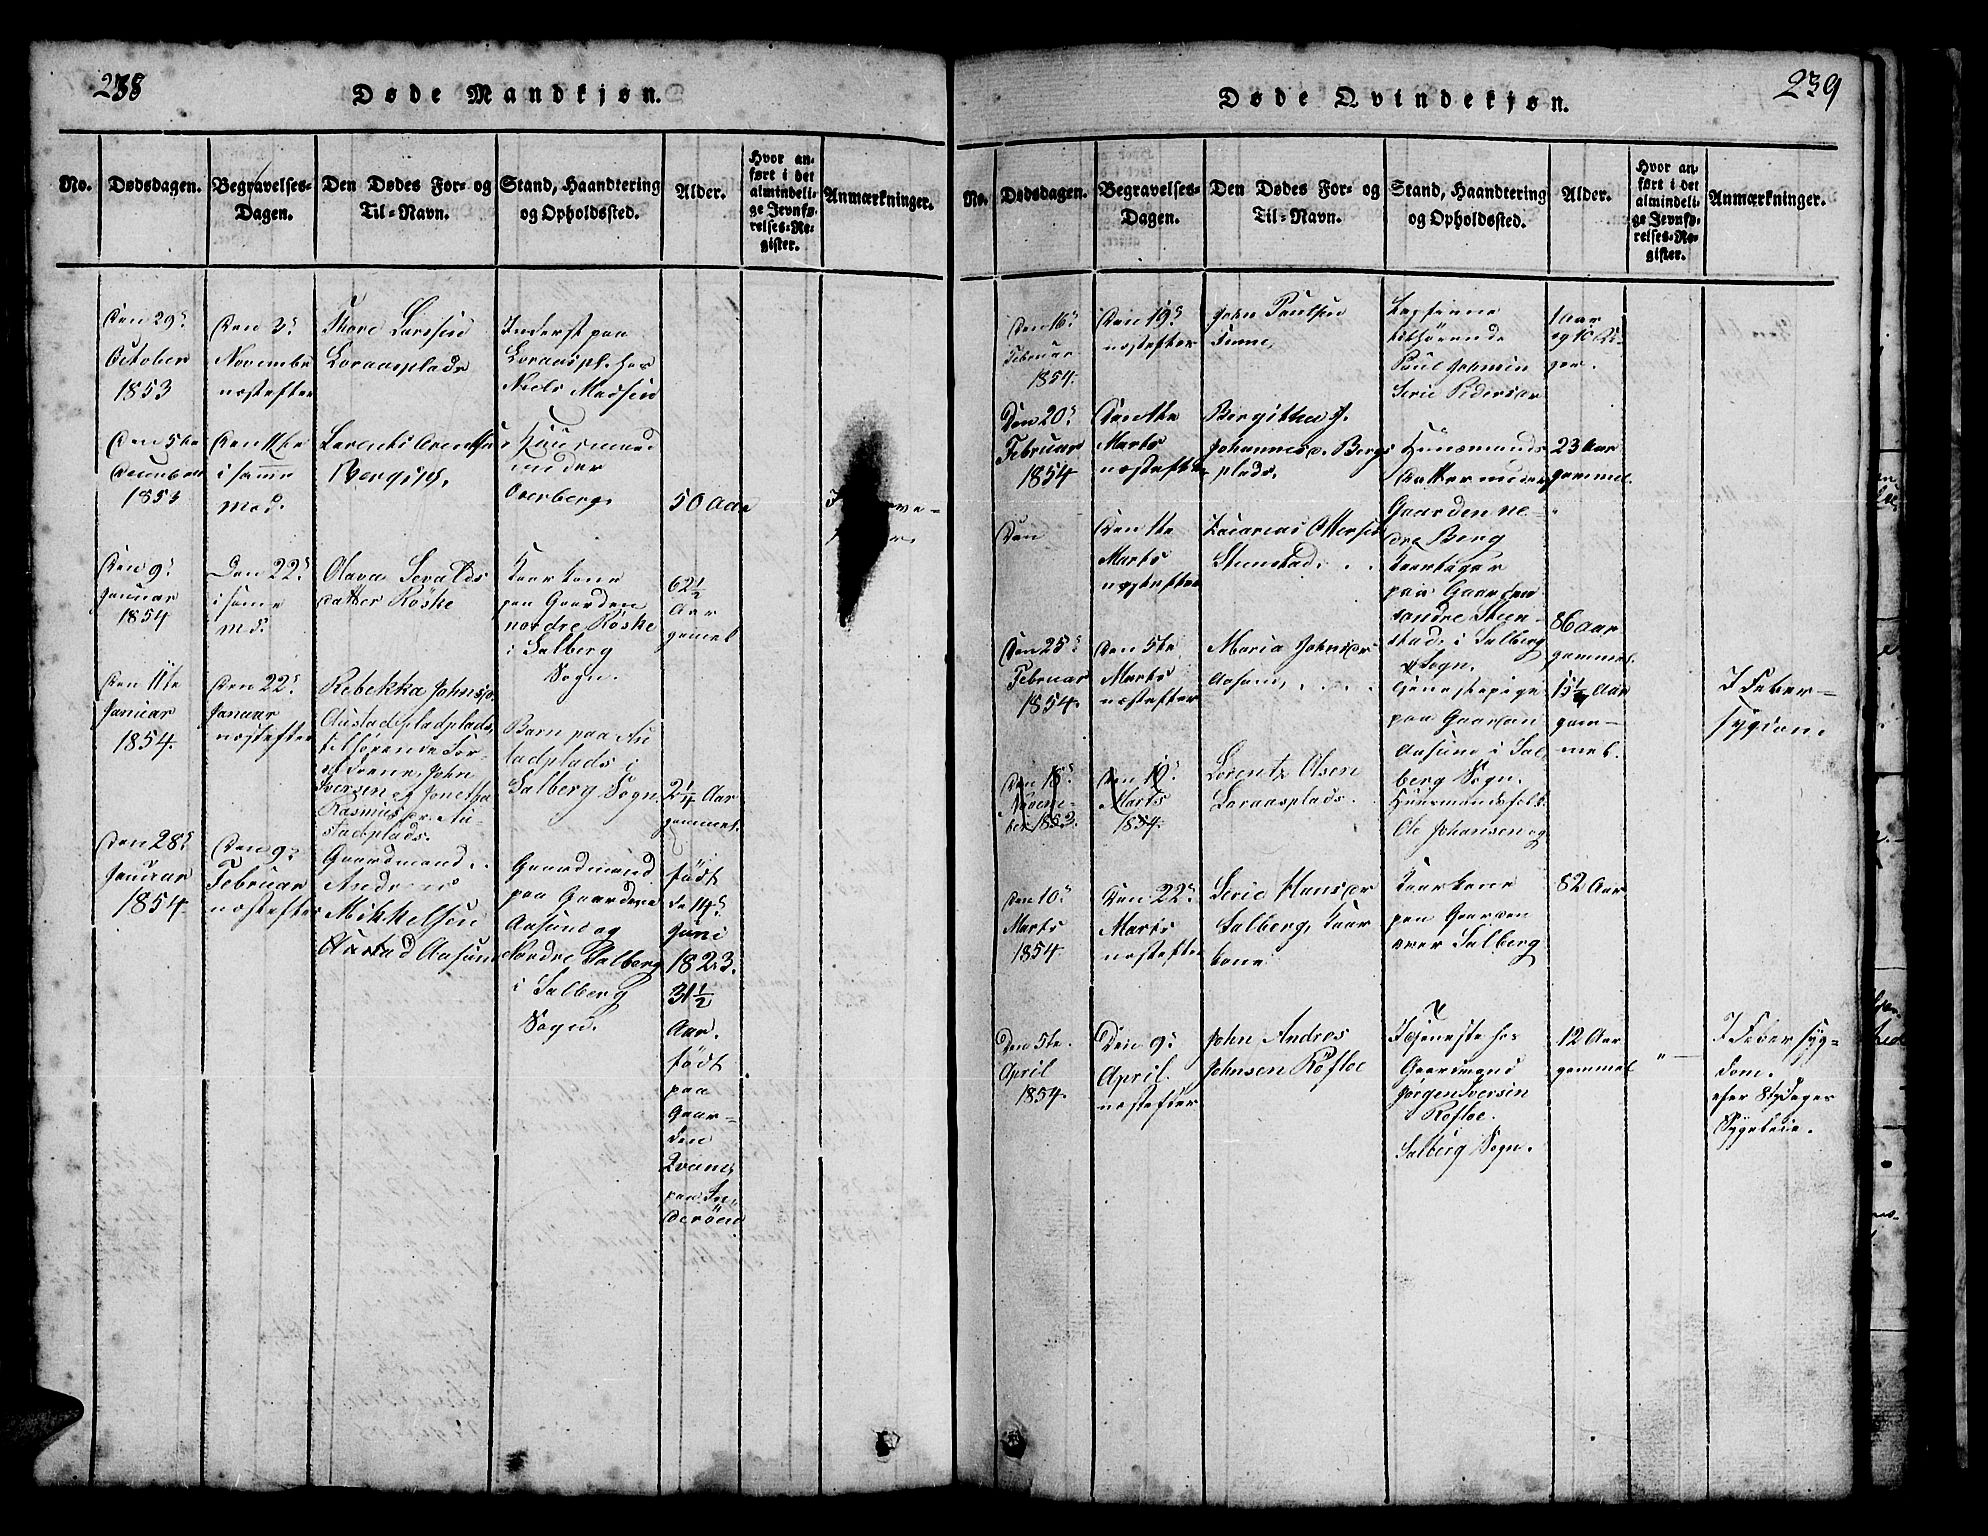 SAT, Ministerialprotokoller, klokkerbøker og fødselsregistre - Nord-Trøndelag, 731/L0310: Klokkerbok nr. 731C01, 1816-1874, s. 238-239